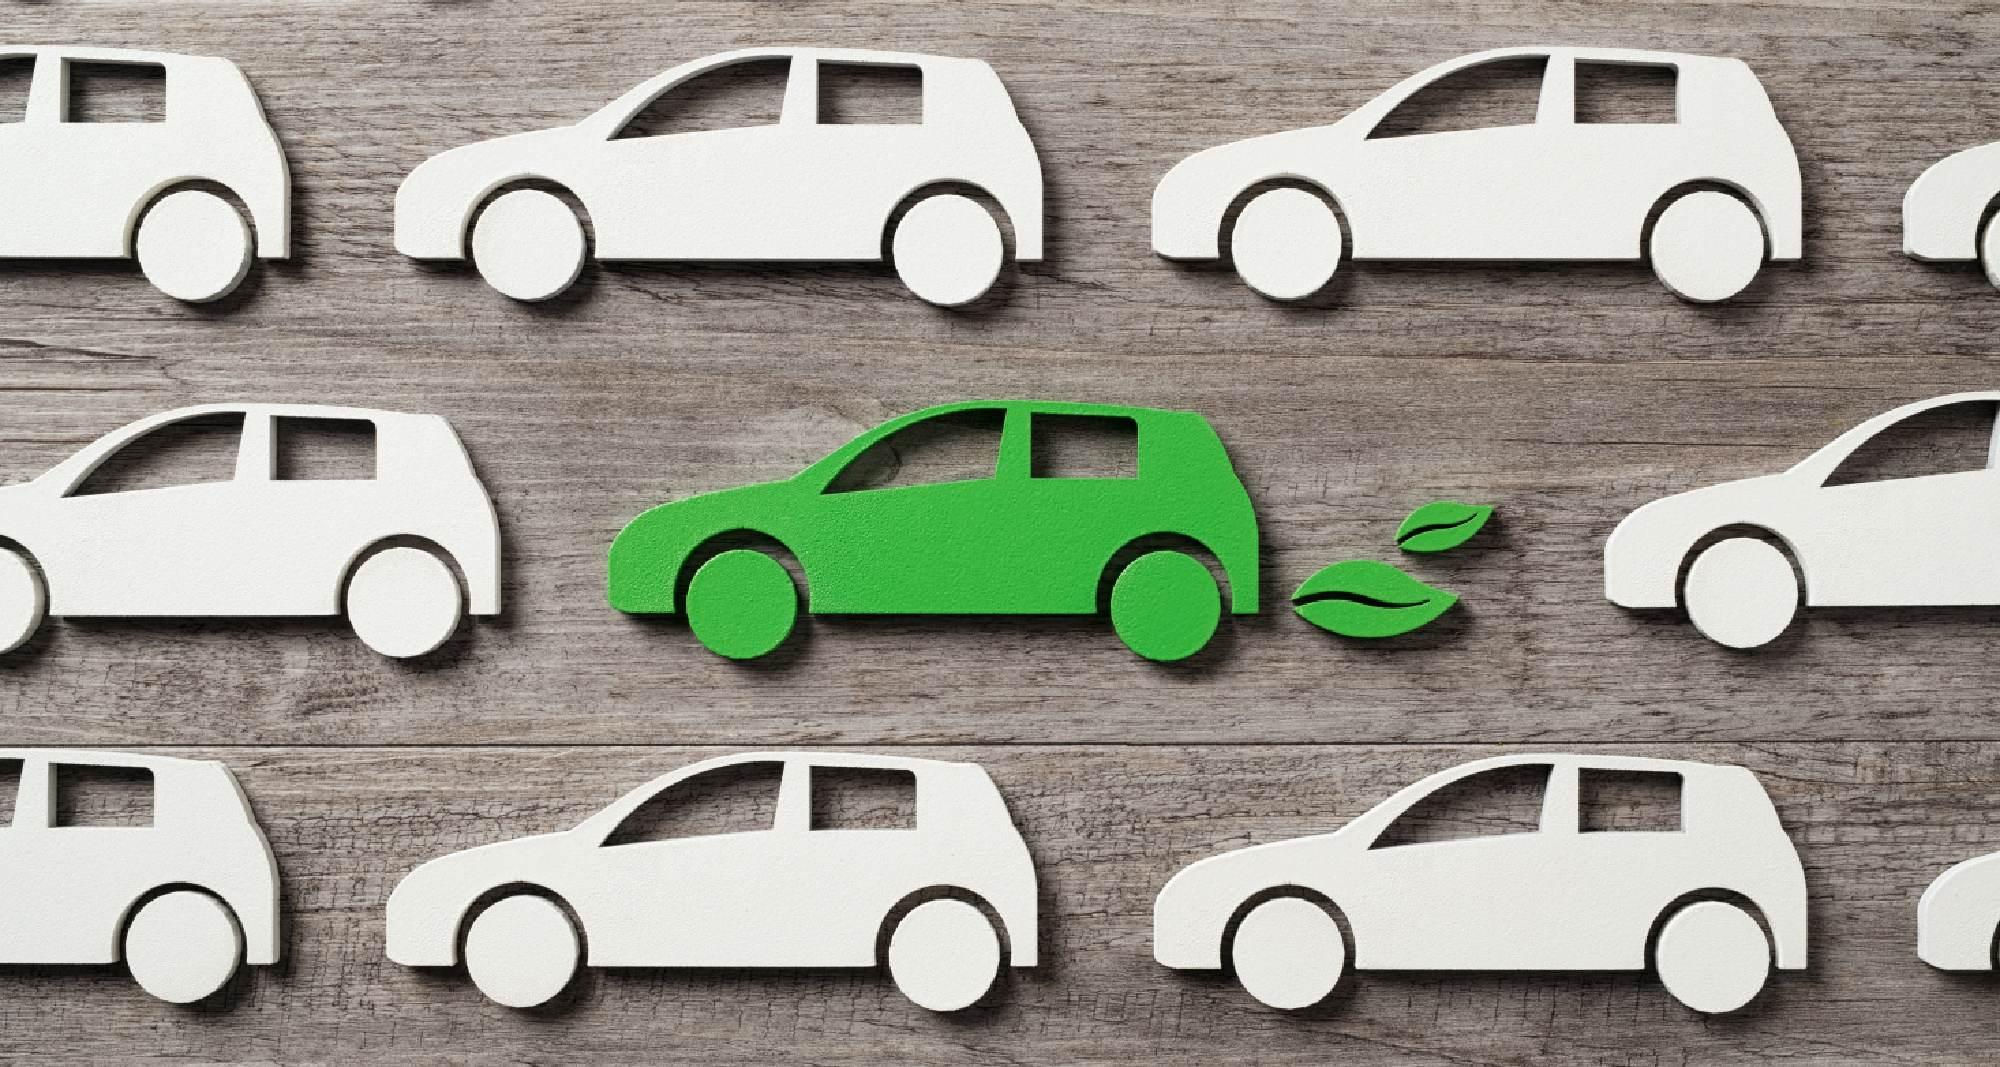 Renouvellement de votre flotte automobile en 2022 ? Que dit la Loi d'Orientation des Mobilités ?